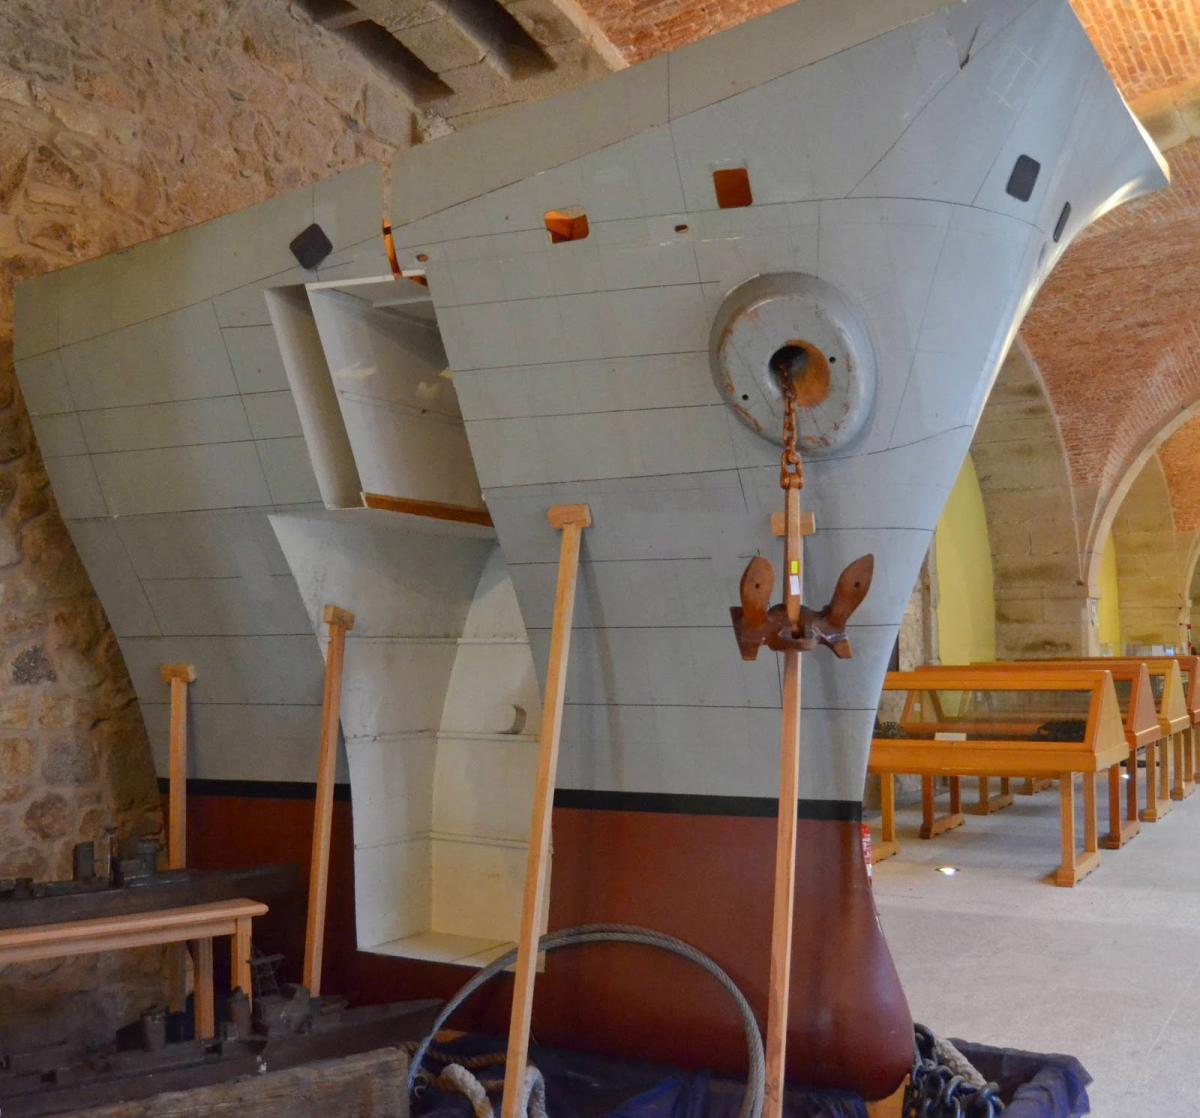 Modelo de proa e manobra de fondeo do Porta-aeronaves Príncipe de Asturias